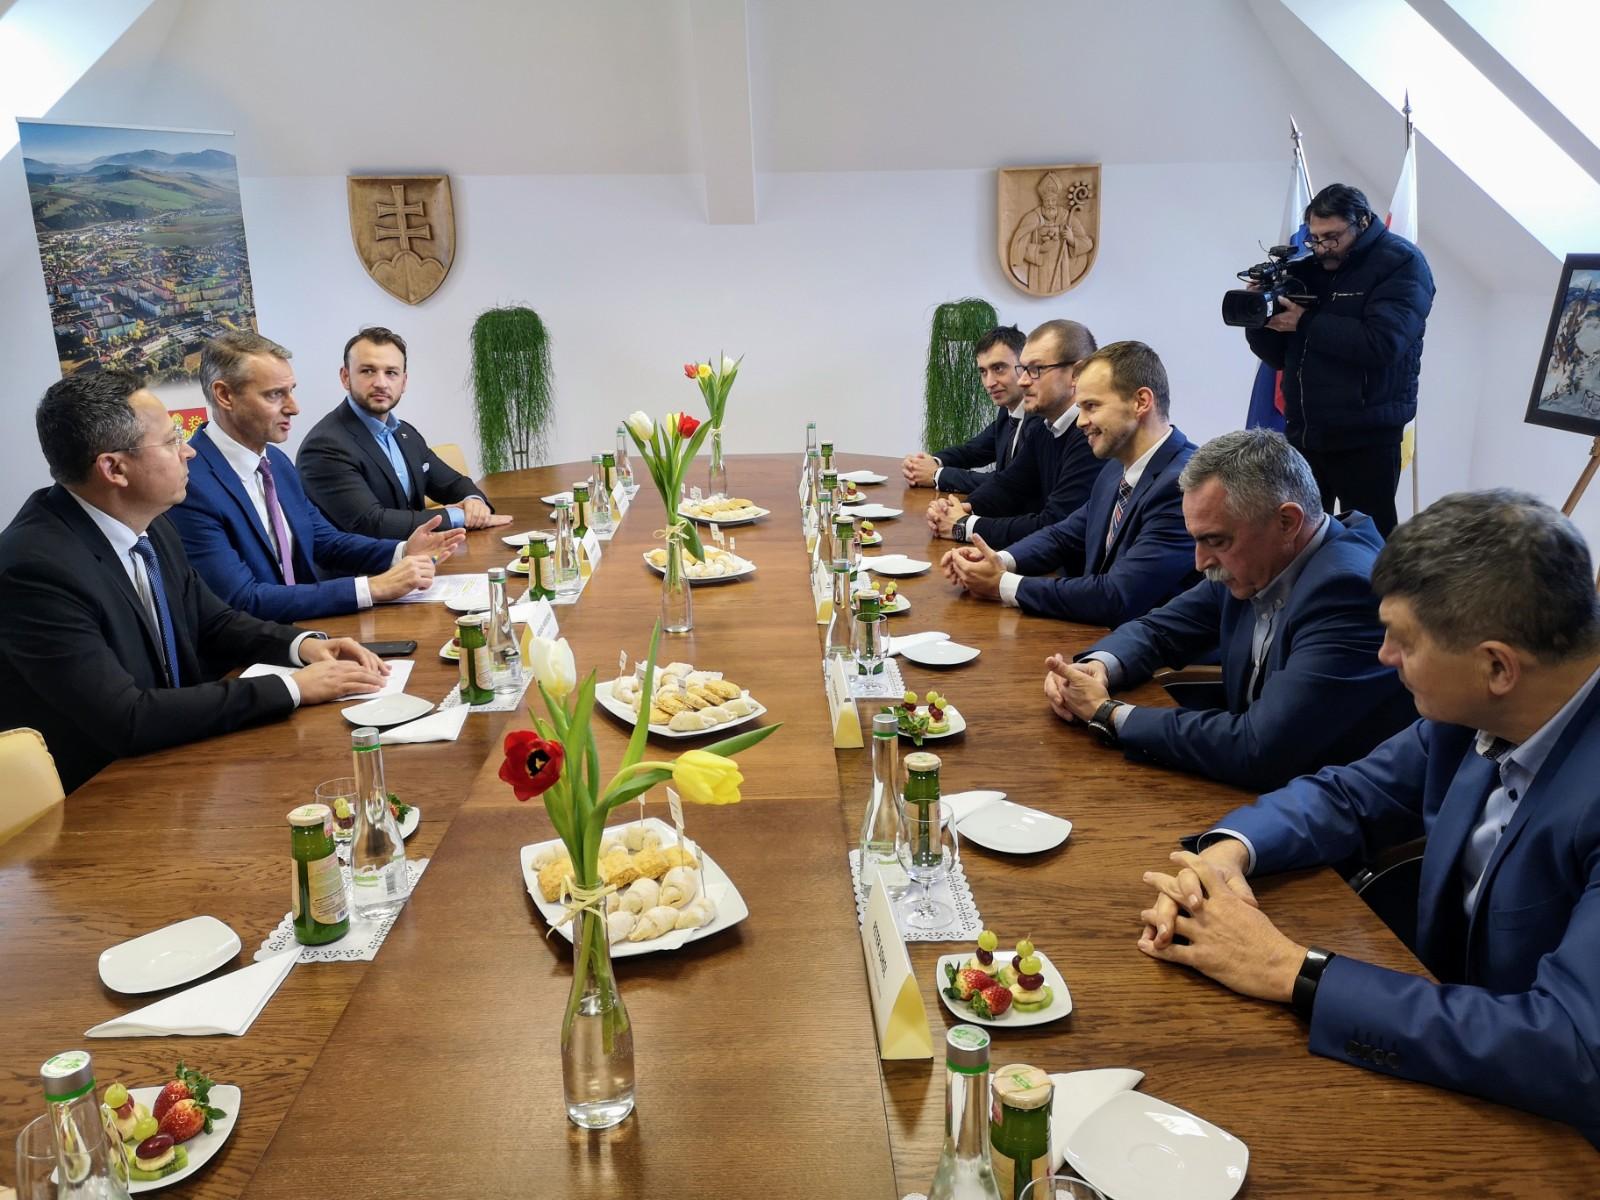 Dotácia od vlády pre okres Stará Ľubovňa je určená na podporu miestneho rozvoja